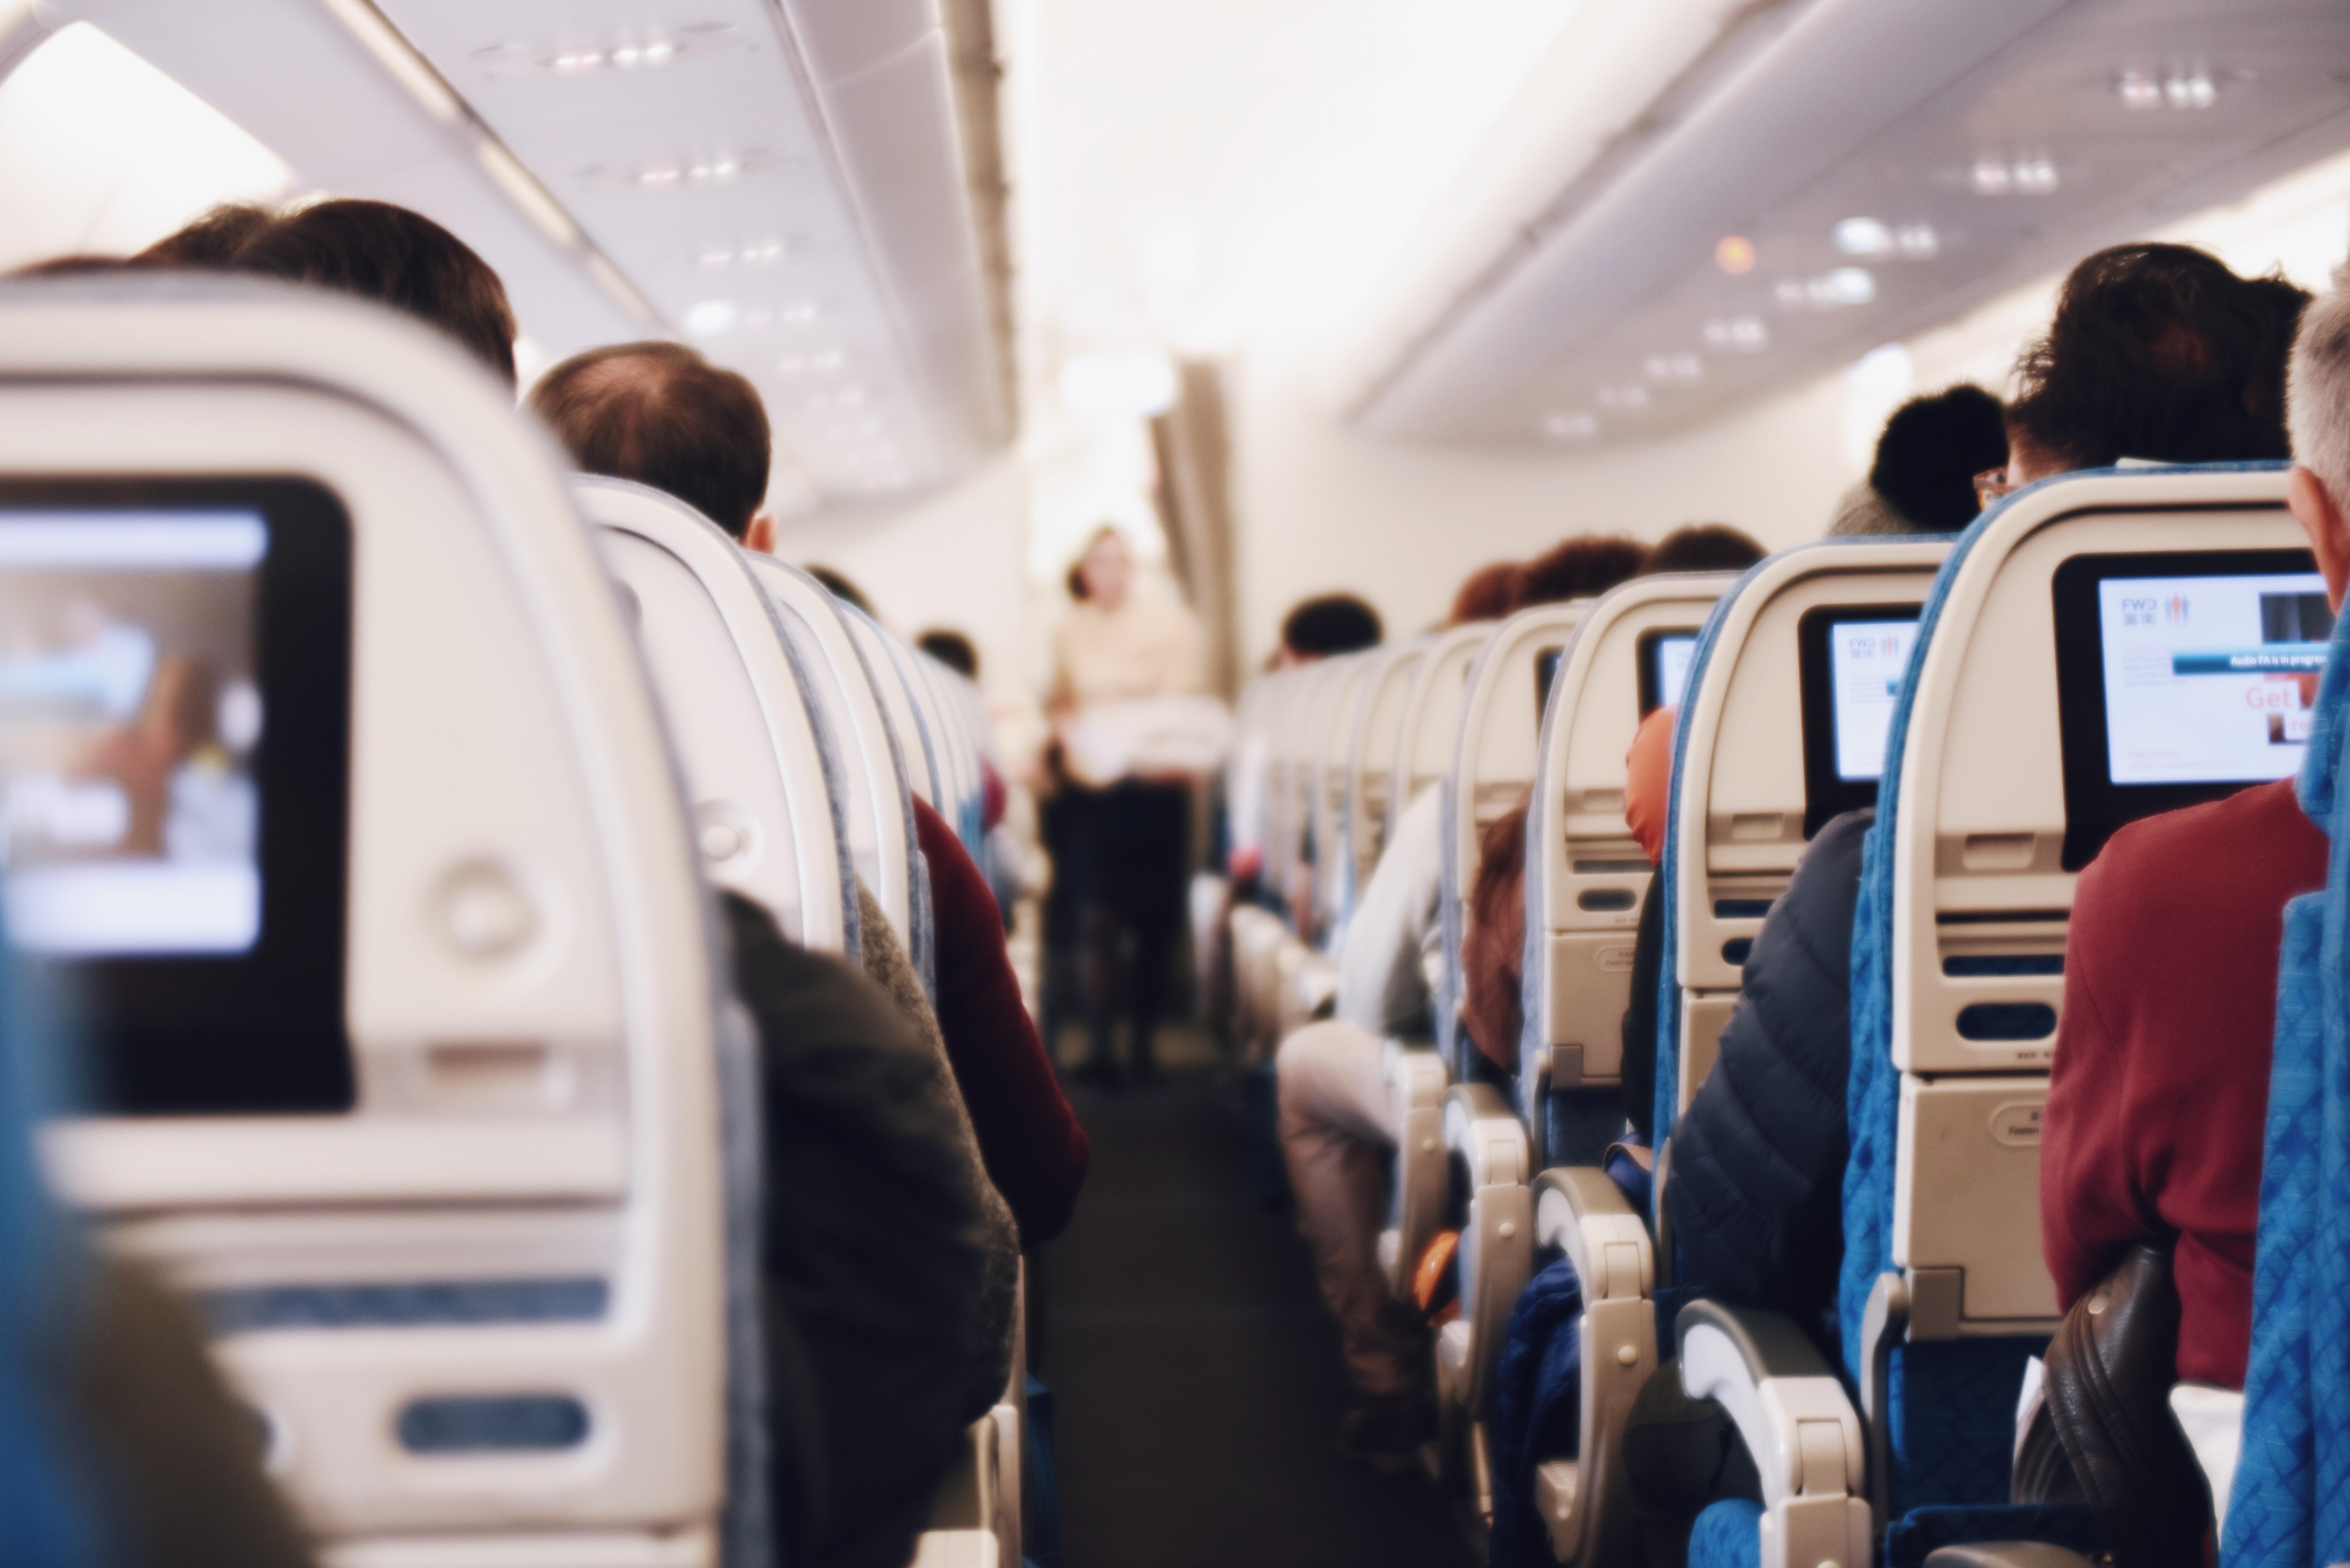 【新冠肺炎】外遊坐飛機,7個防疫措施要做足